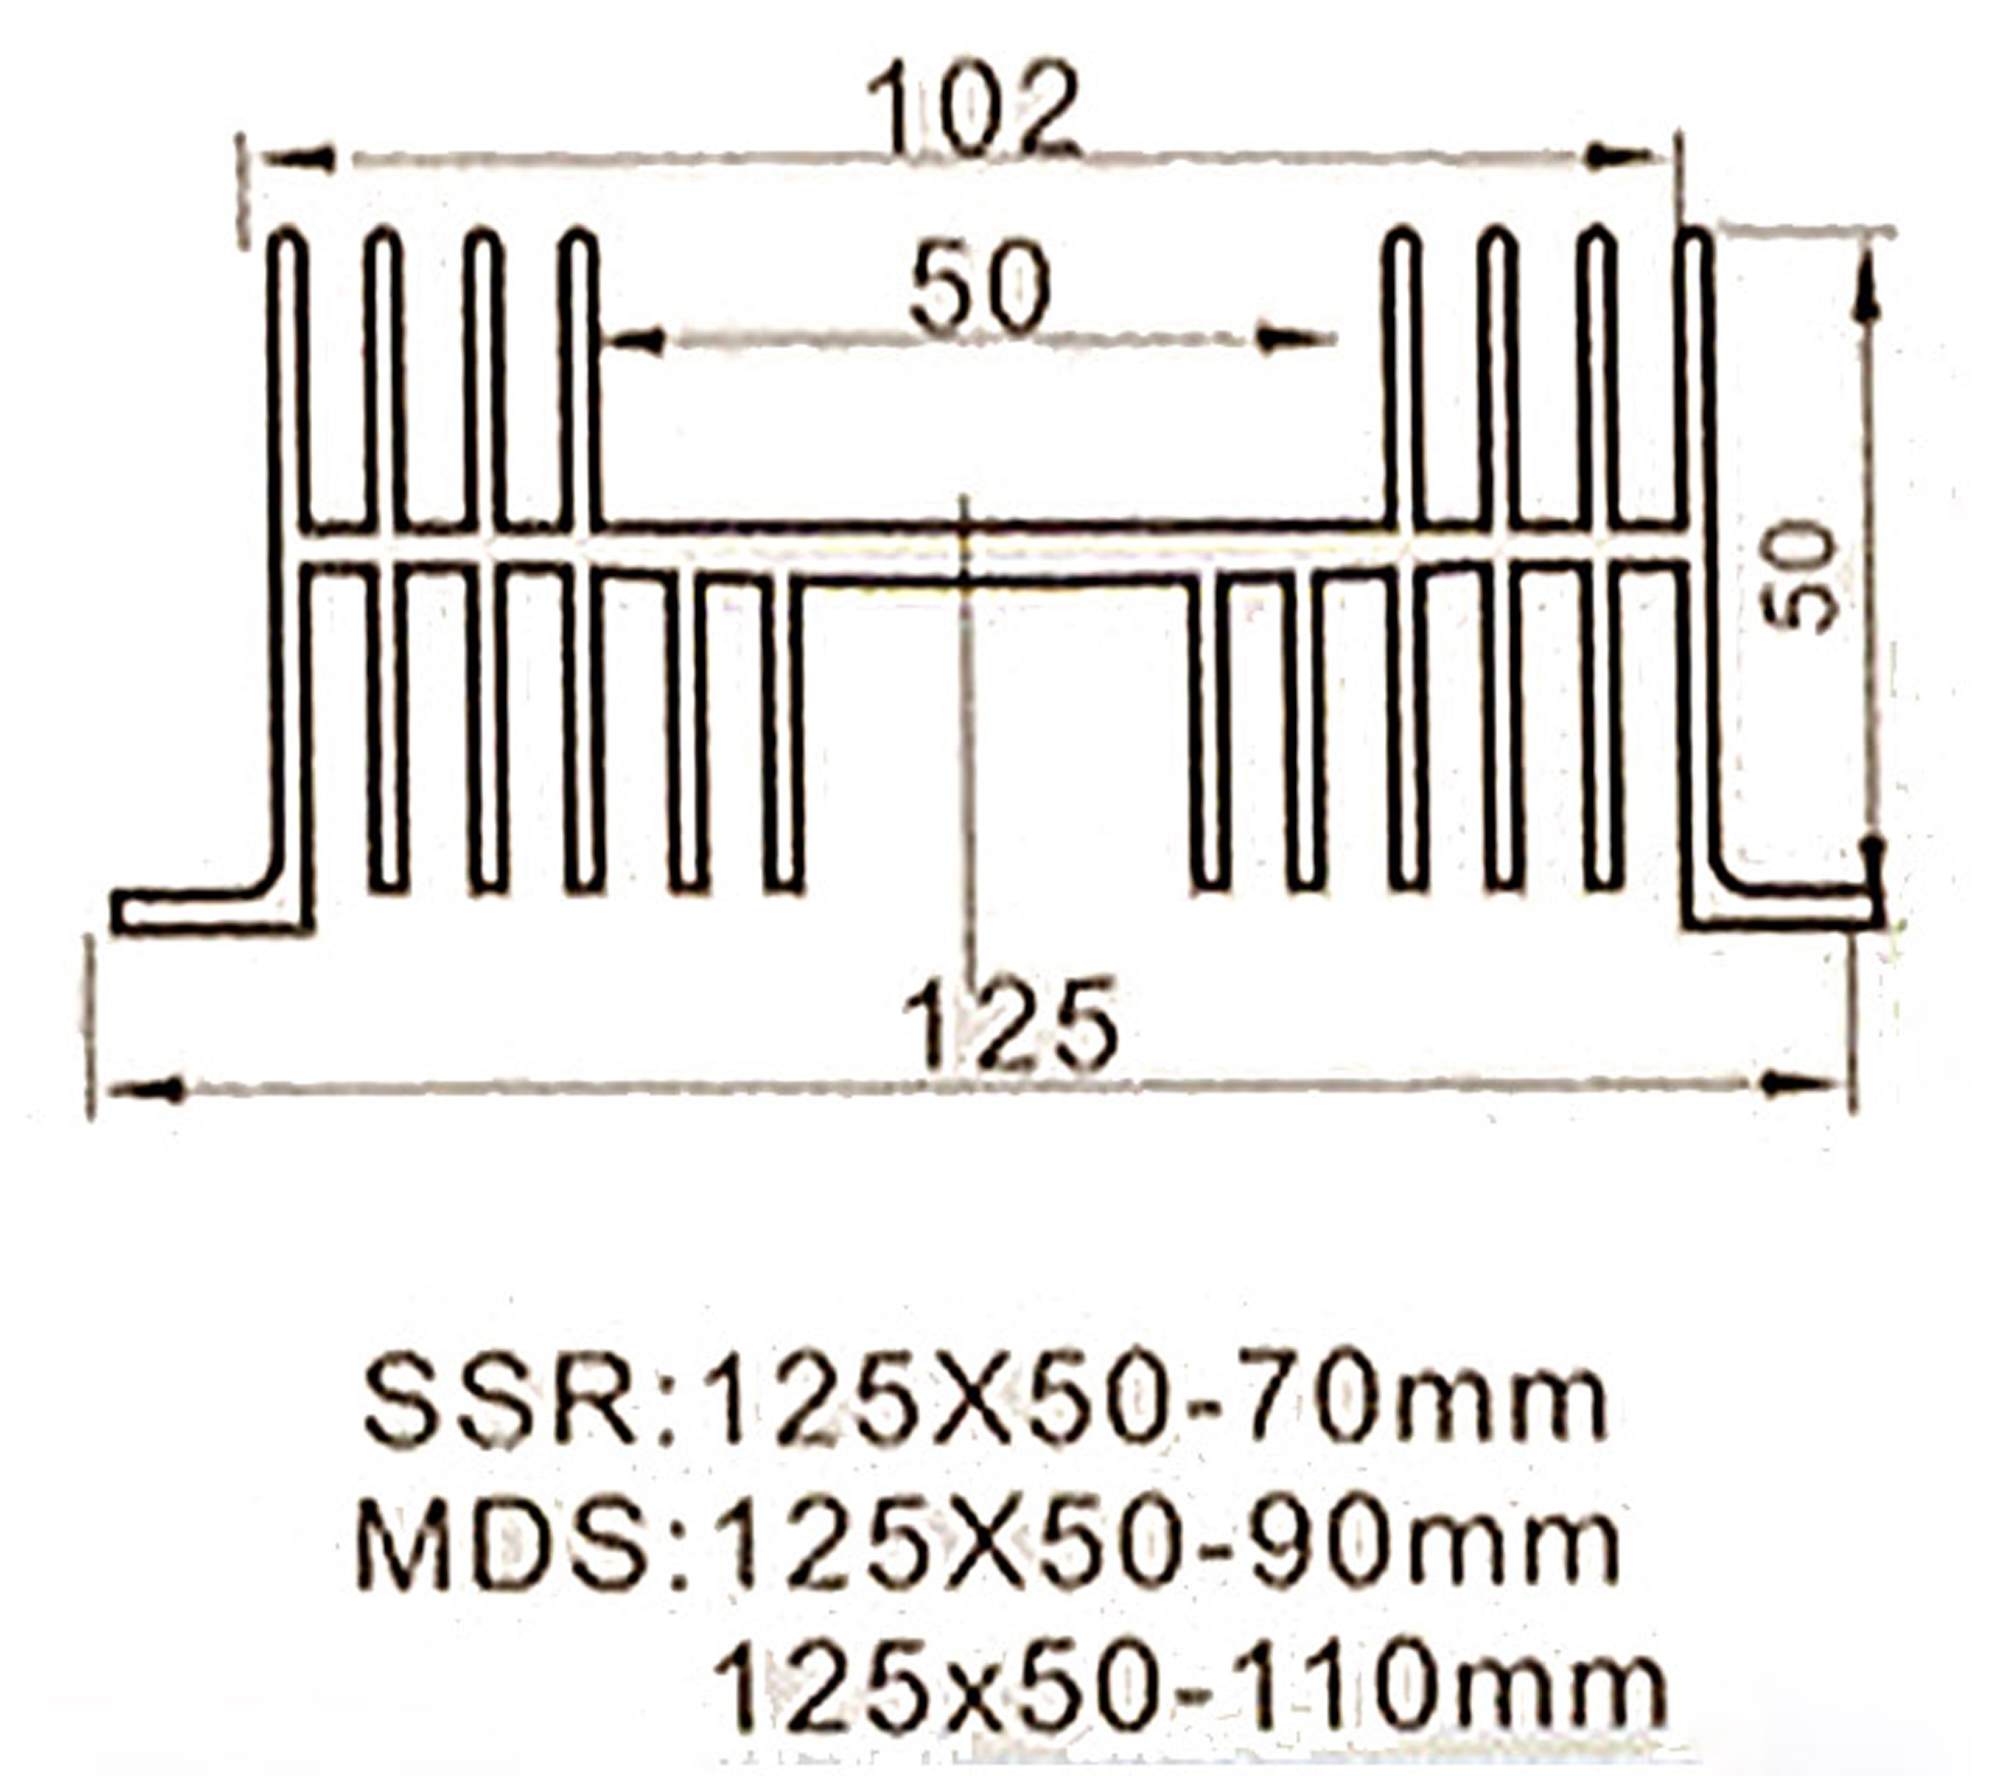 Kích thước Đế nhôm tản nhiệt Relay rắn SSR kiểu M